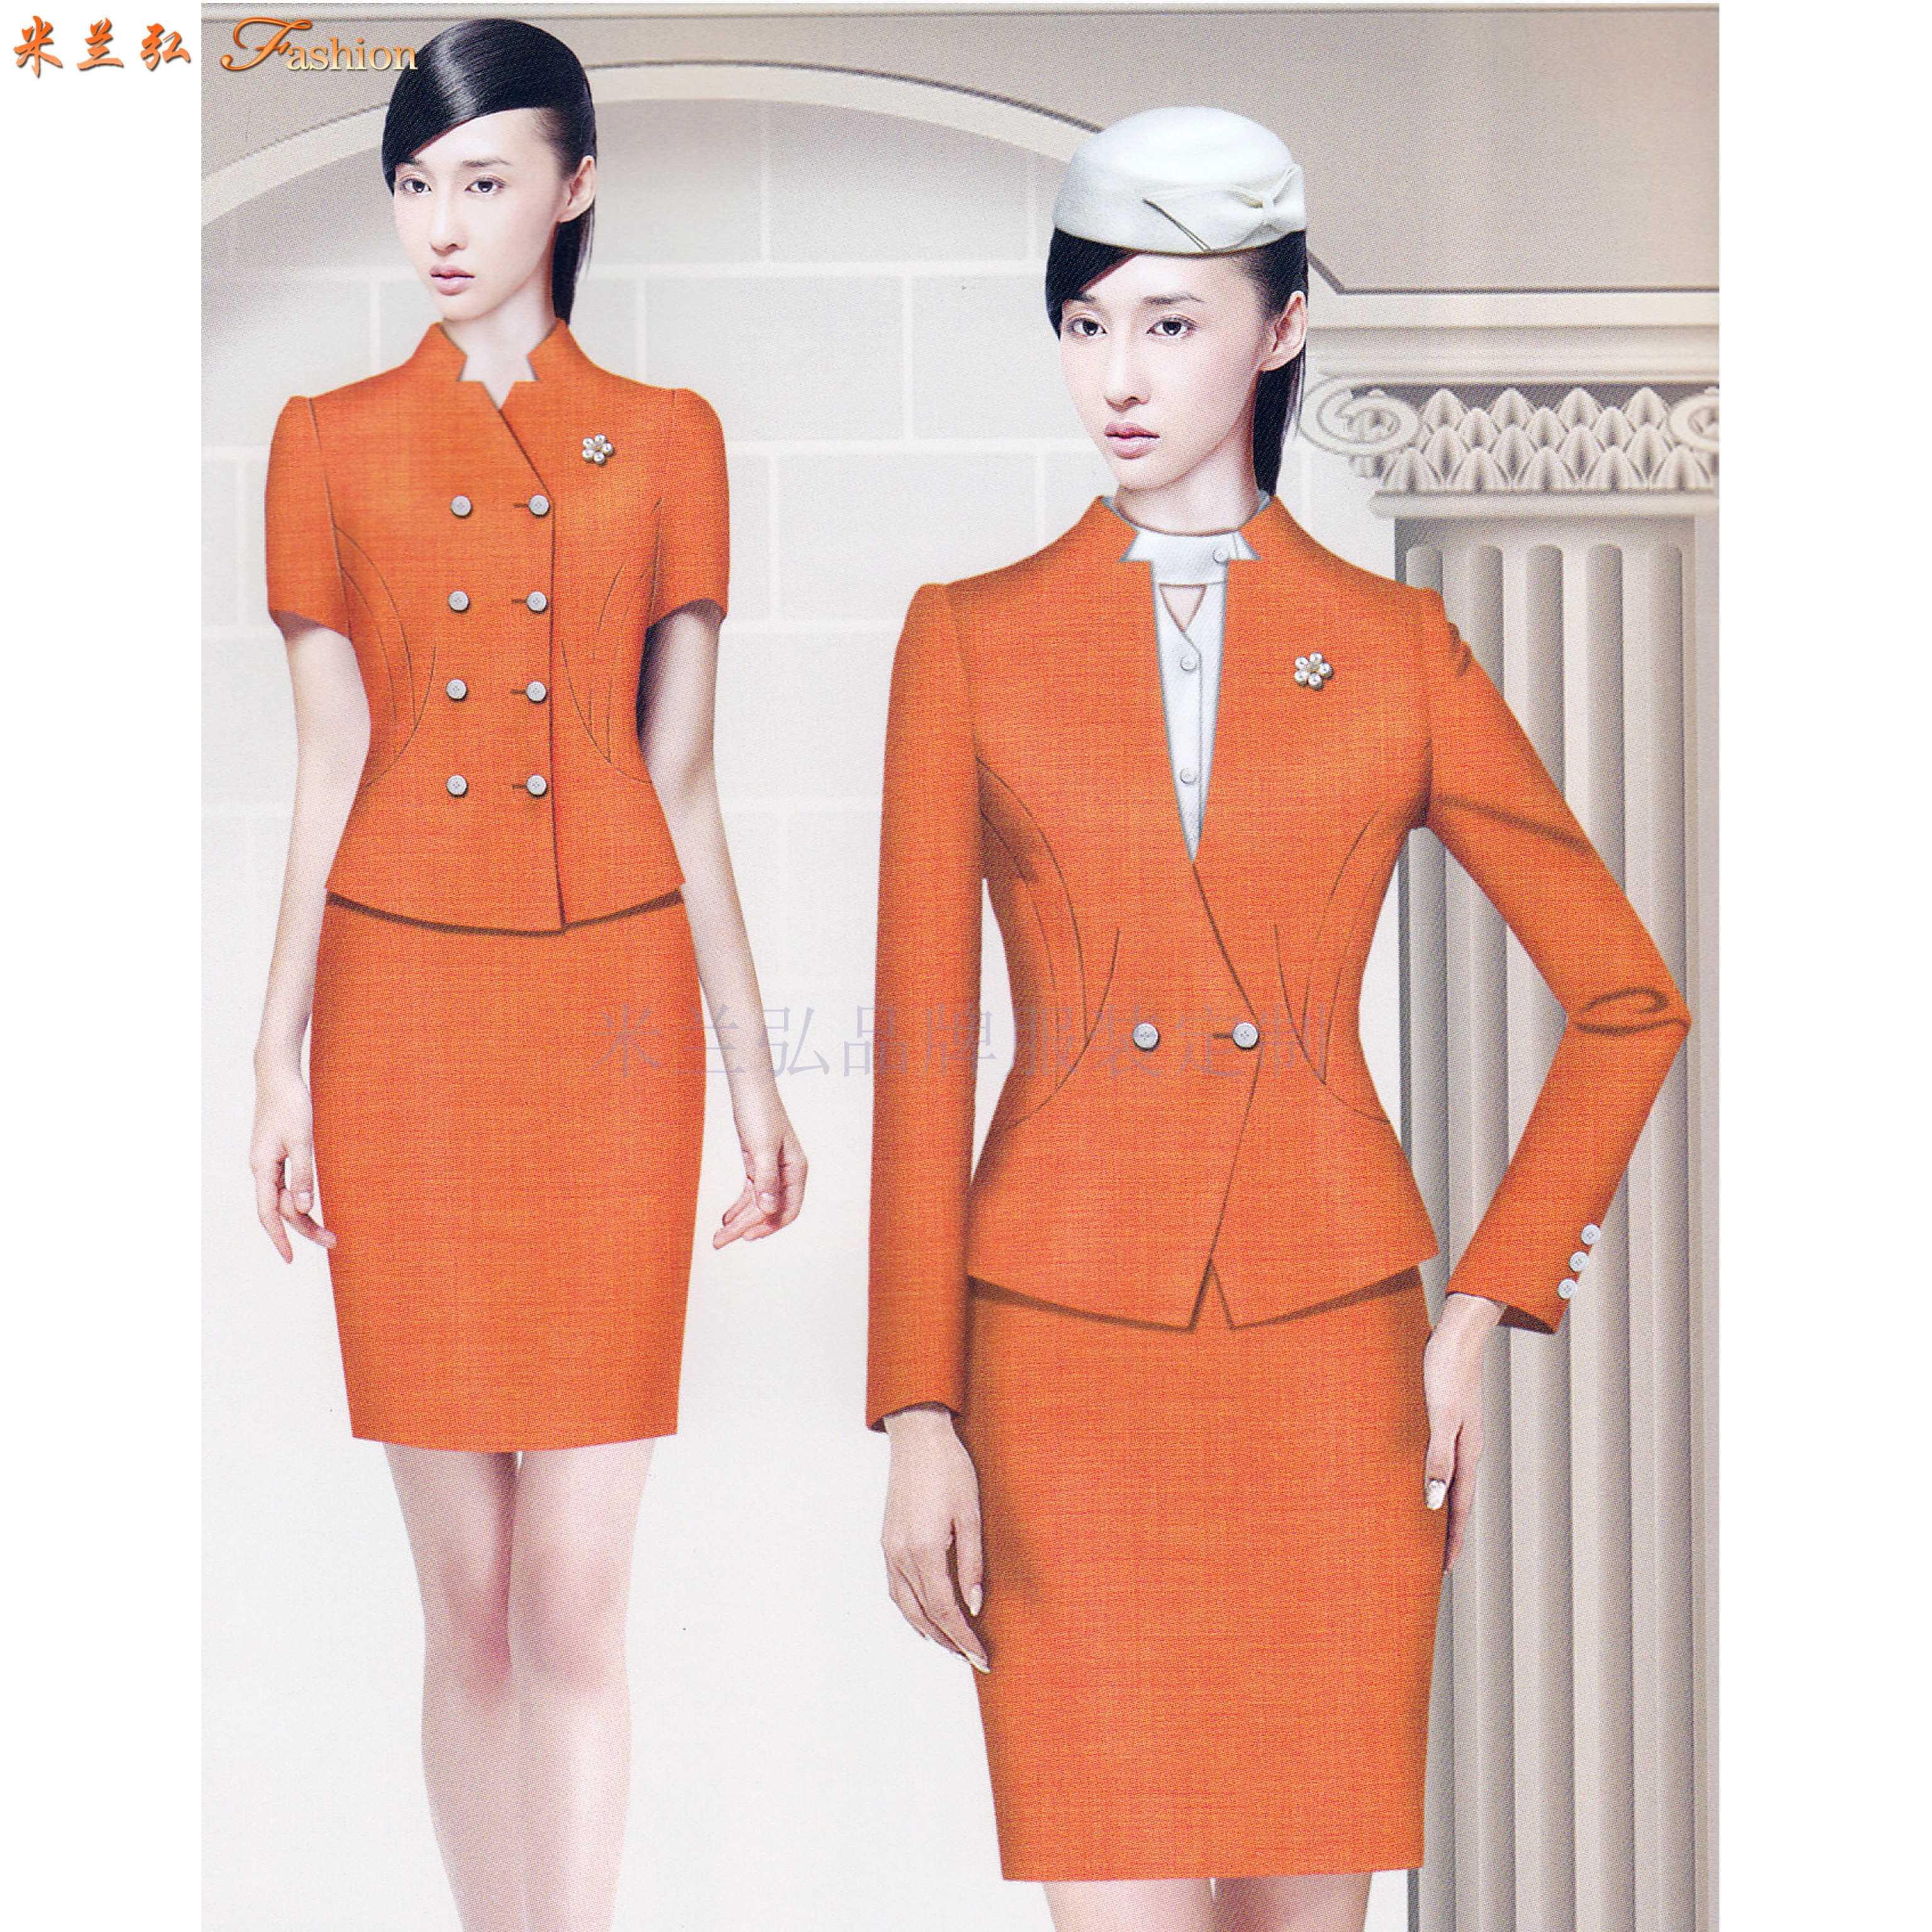 「航空服裝定制」「航空制服定做」「航空乘務服訂制」-4